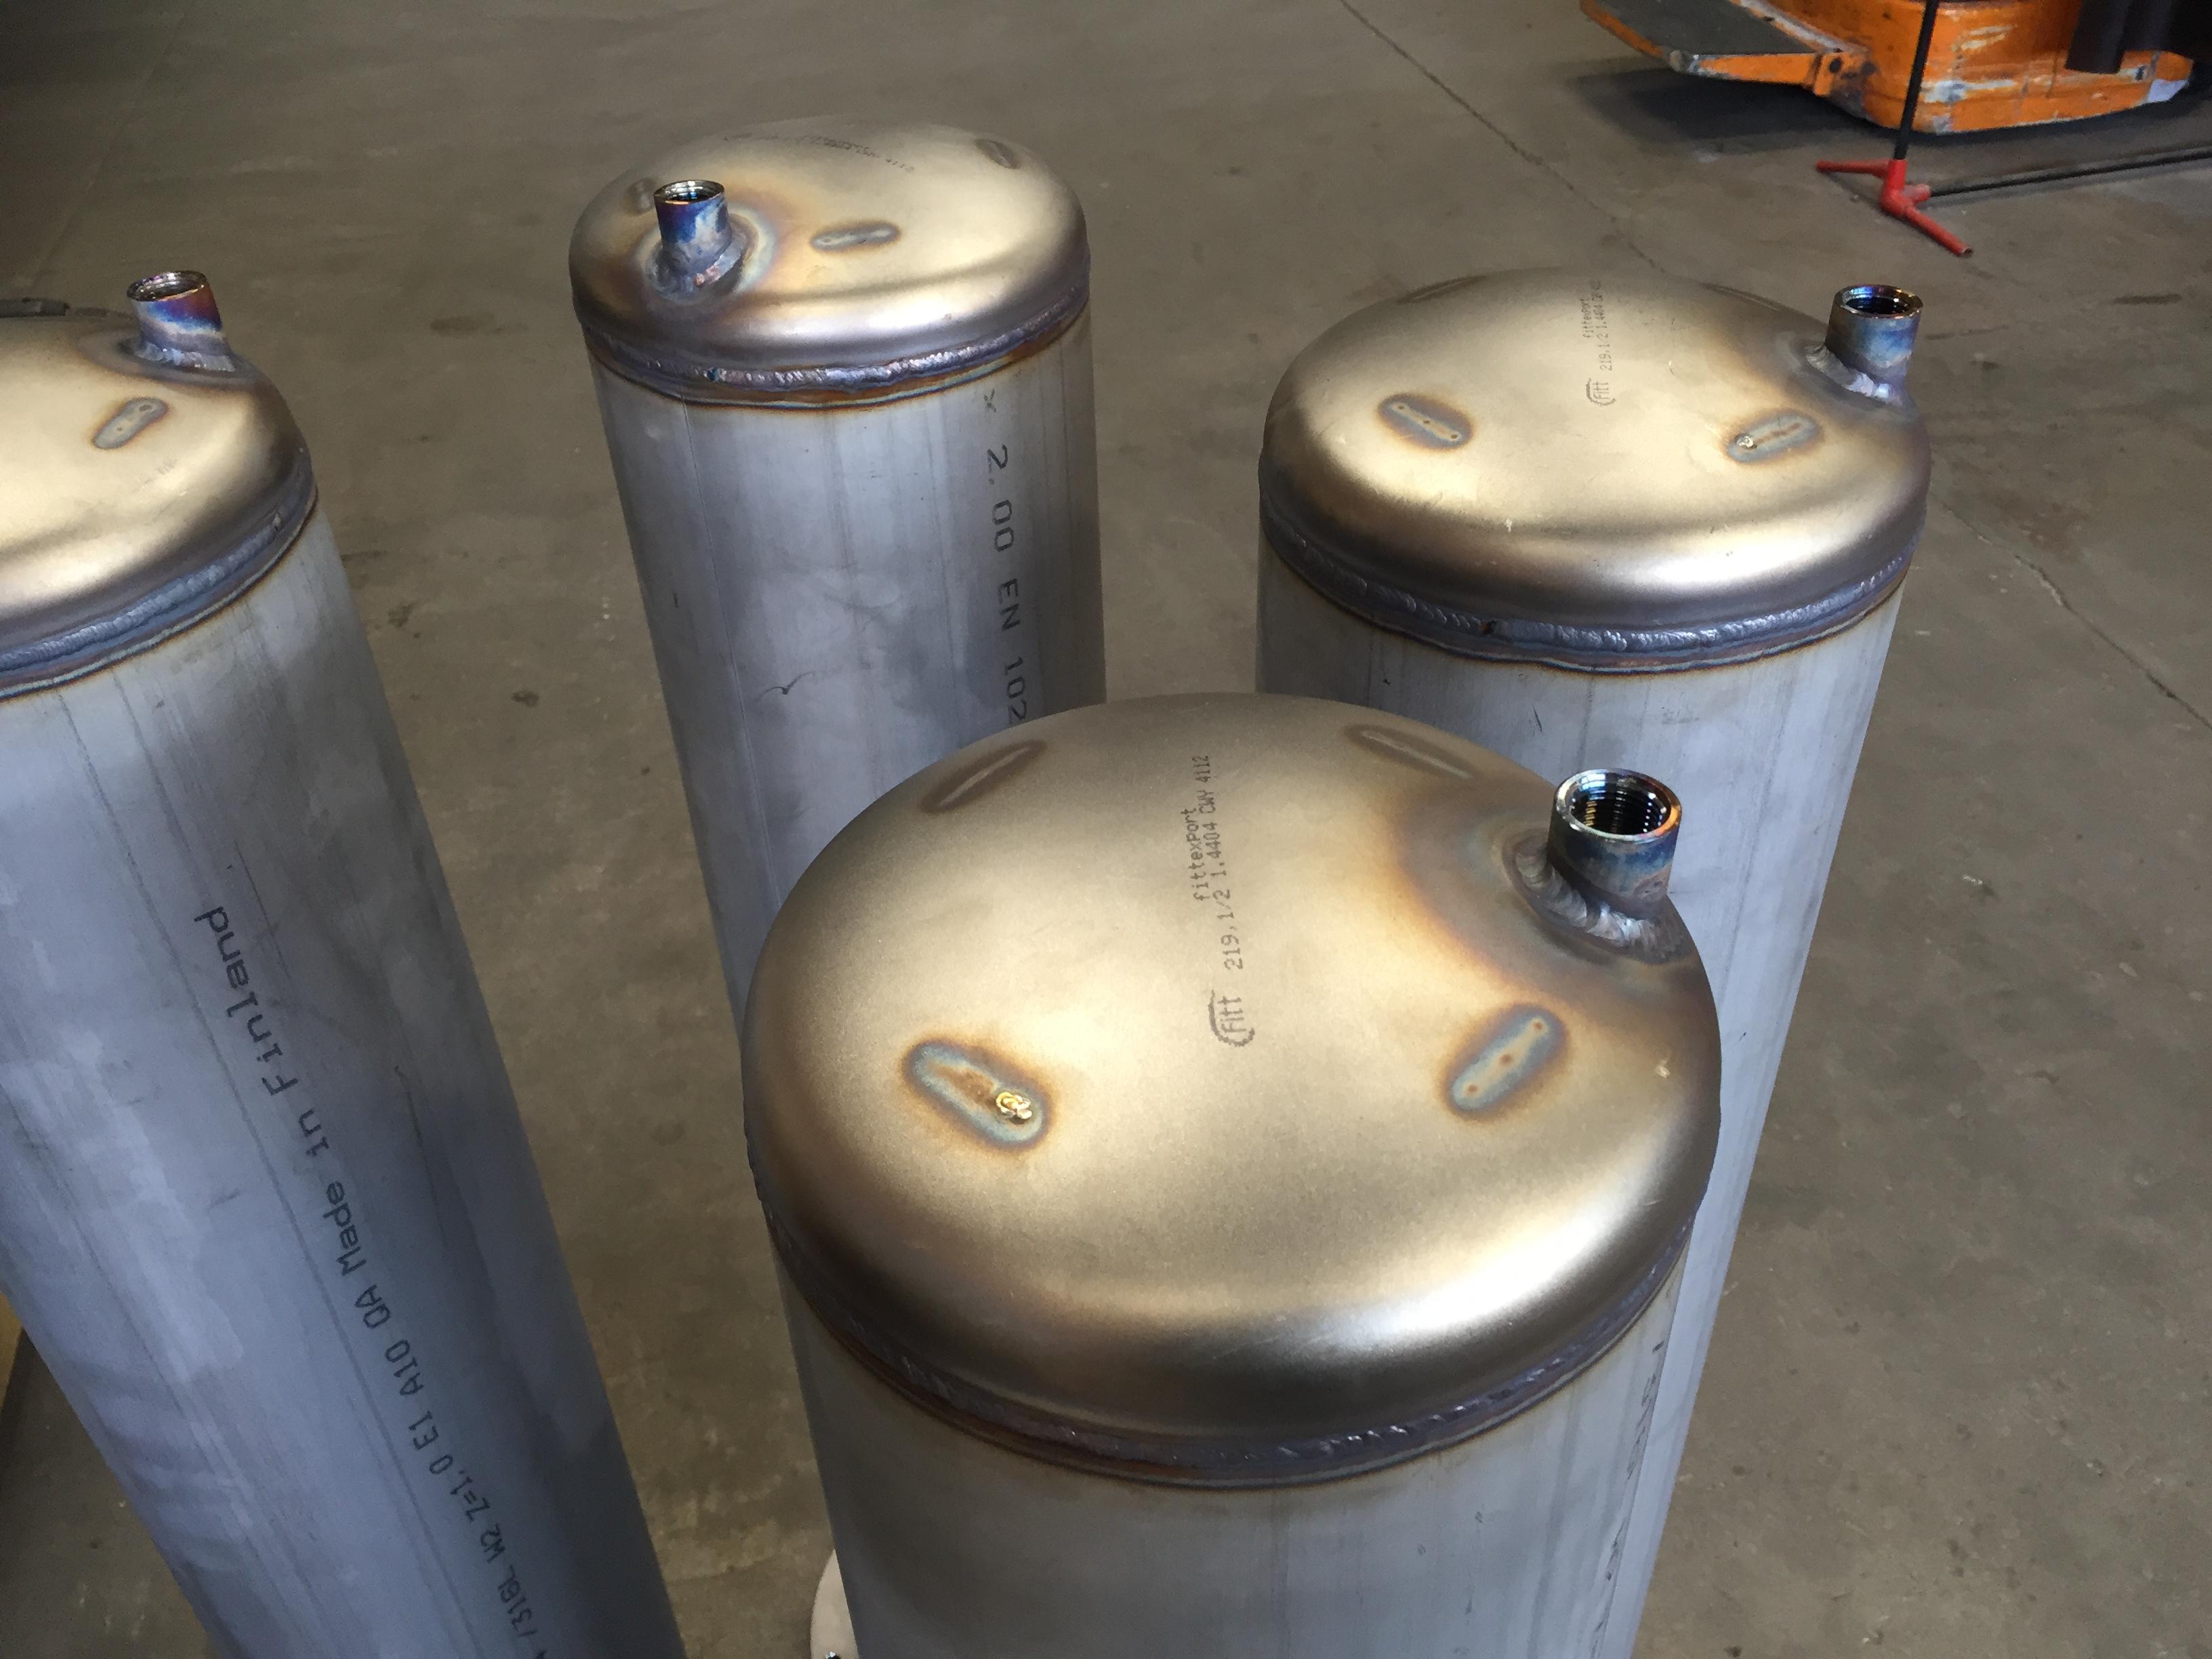 Rustfri filterhuse